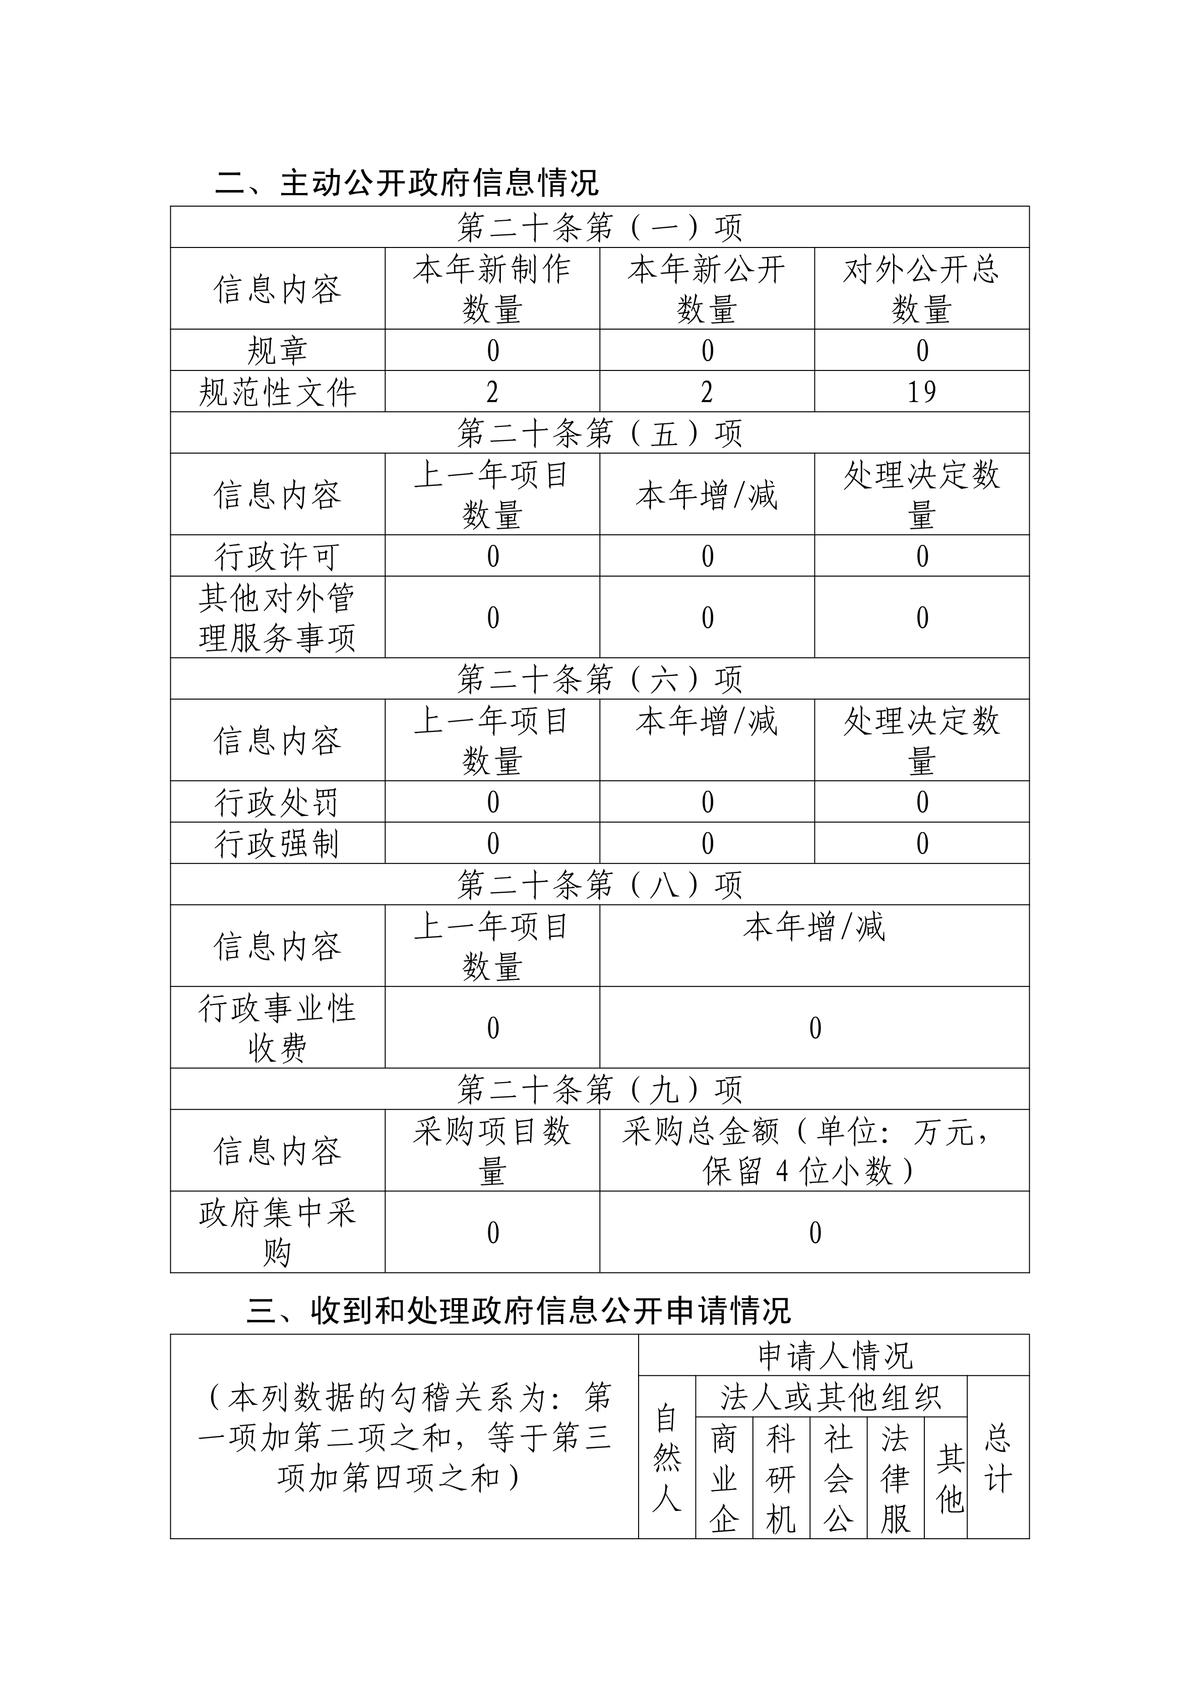 省扶贫办2019年政务公开年报(1)_00.png